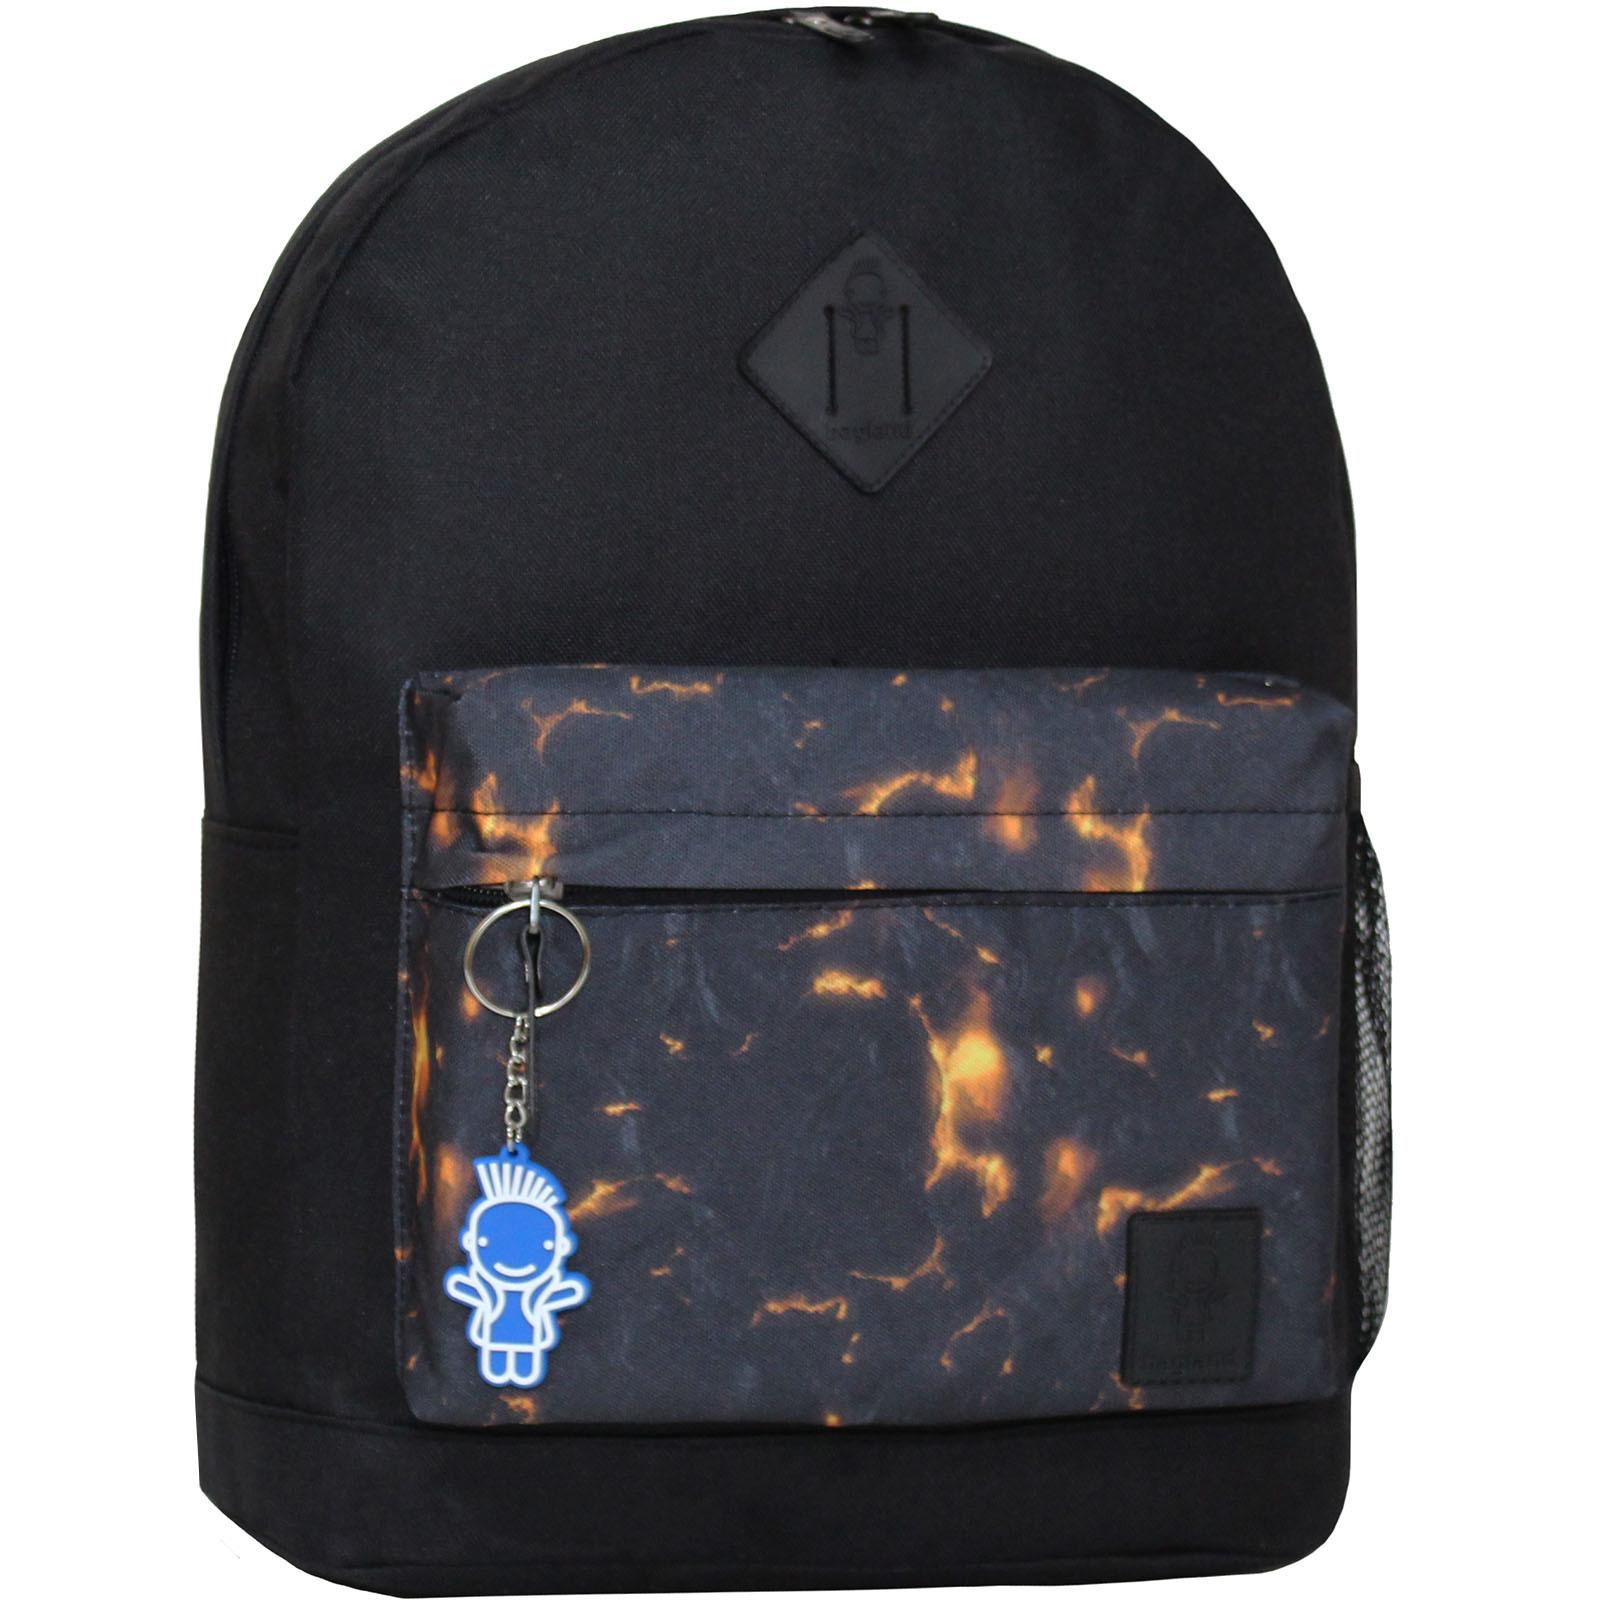 Городские рюкзаки Рюкзак Bagland Молодежный W/R 17 л. чорний 83 (00533662) IMG_5928.JPG